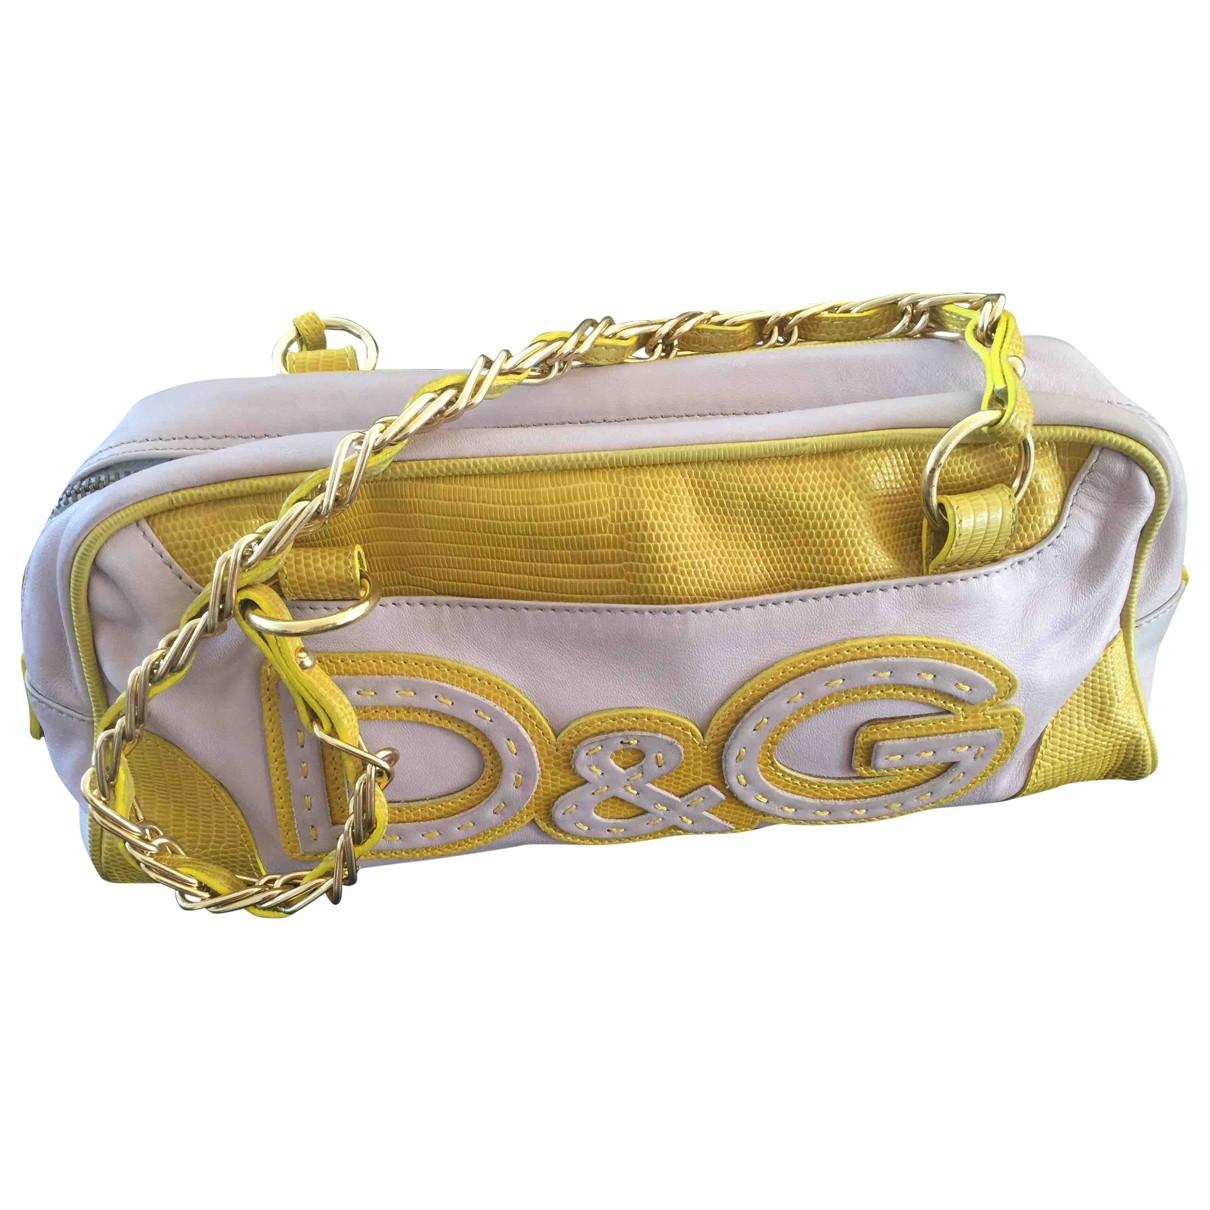 D&g \N Handtasche in Leder